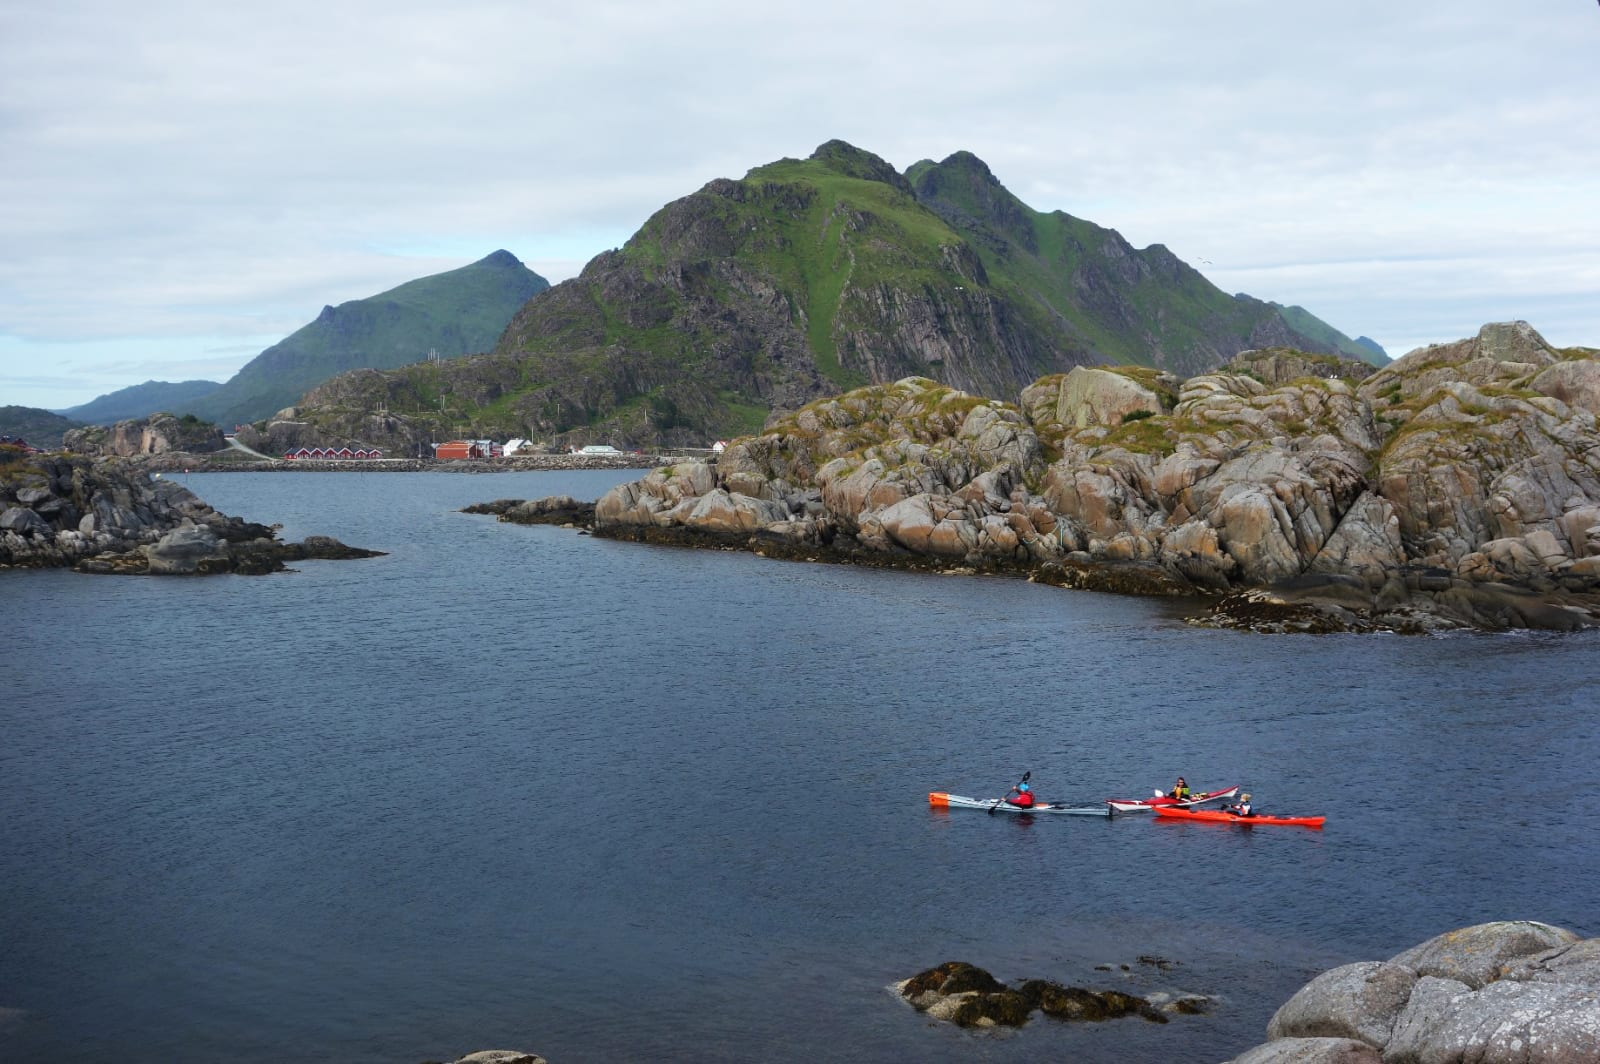 DRØMMEN: Kan en padletur på egenhånd i Lofoten friste? Foto: Sandra Lappegard